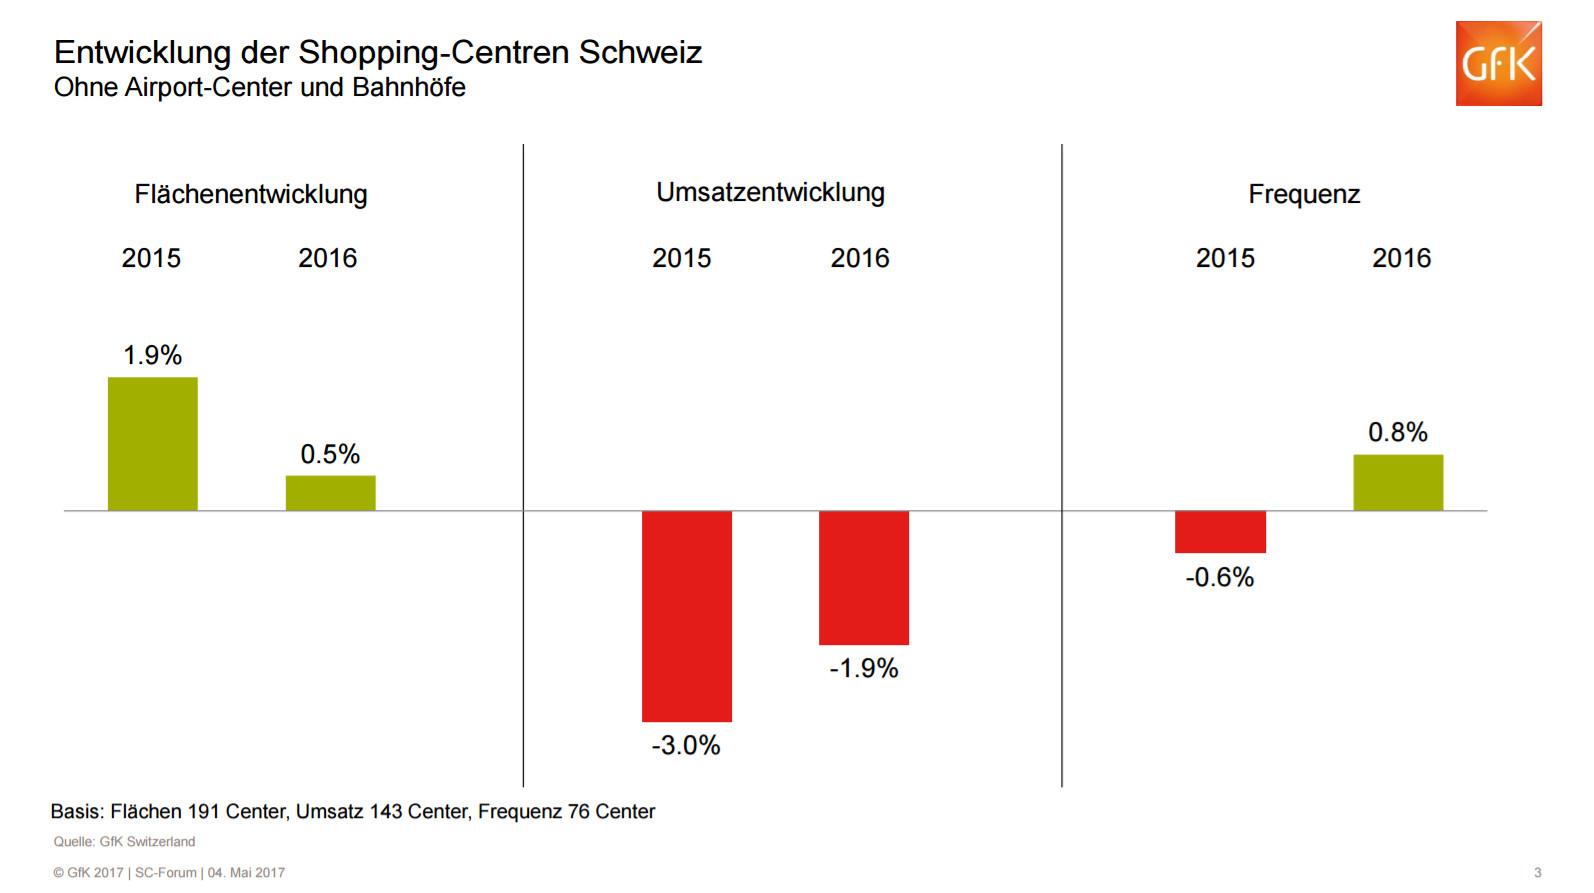 Entwicklung der Shopping-Center in der Schweiz (ohne Airports und Bahnhöfe) bzgl. Fläche, Umsatz und Frequenz - Quelle: GfK